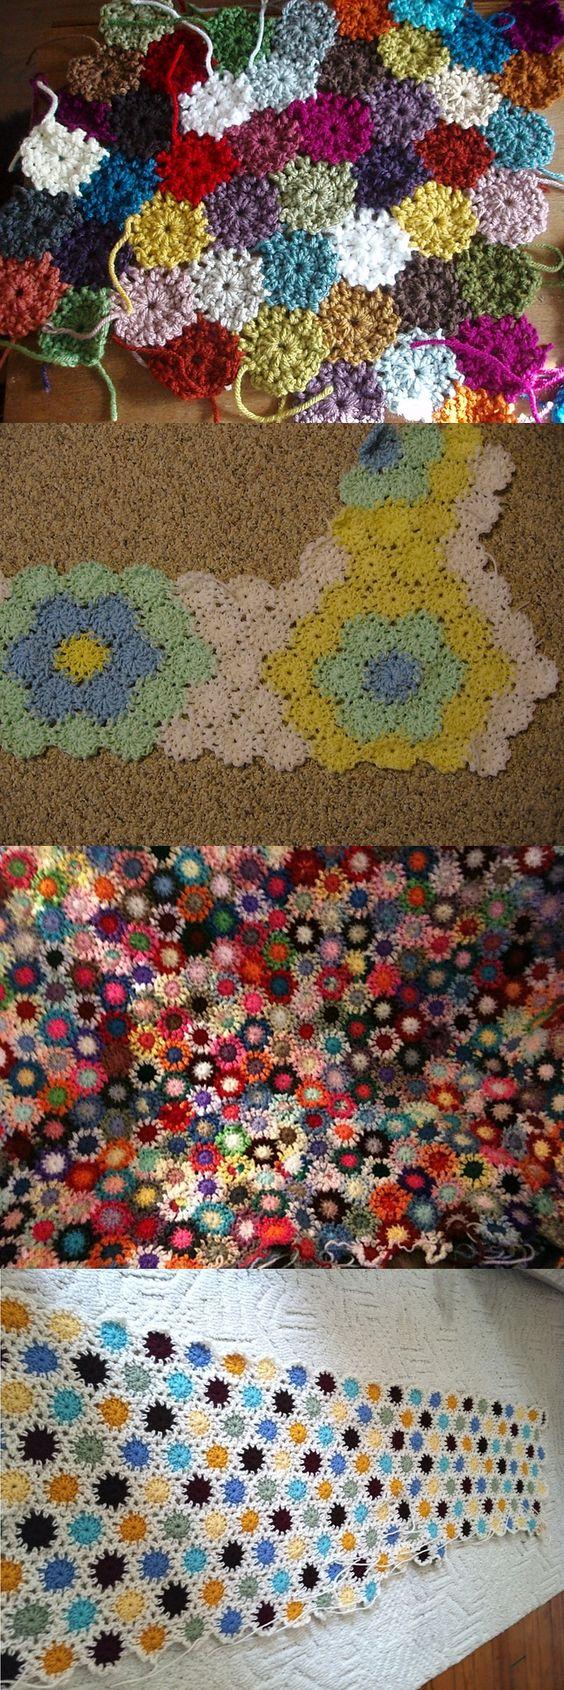 Free Crochet Yoyo Patterns : Yo-yo pattern, free from Priscilla Hewitt. Each yo-yo is ...